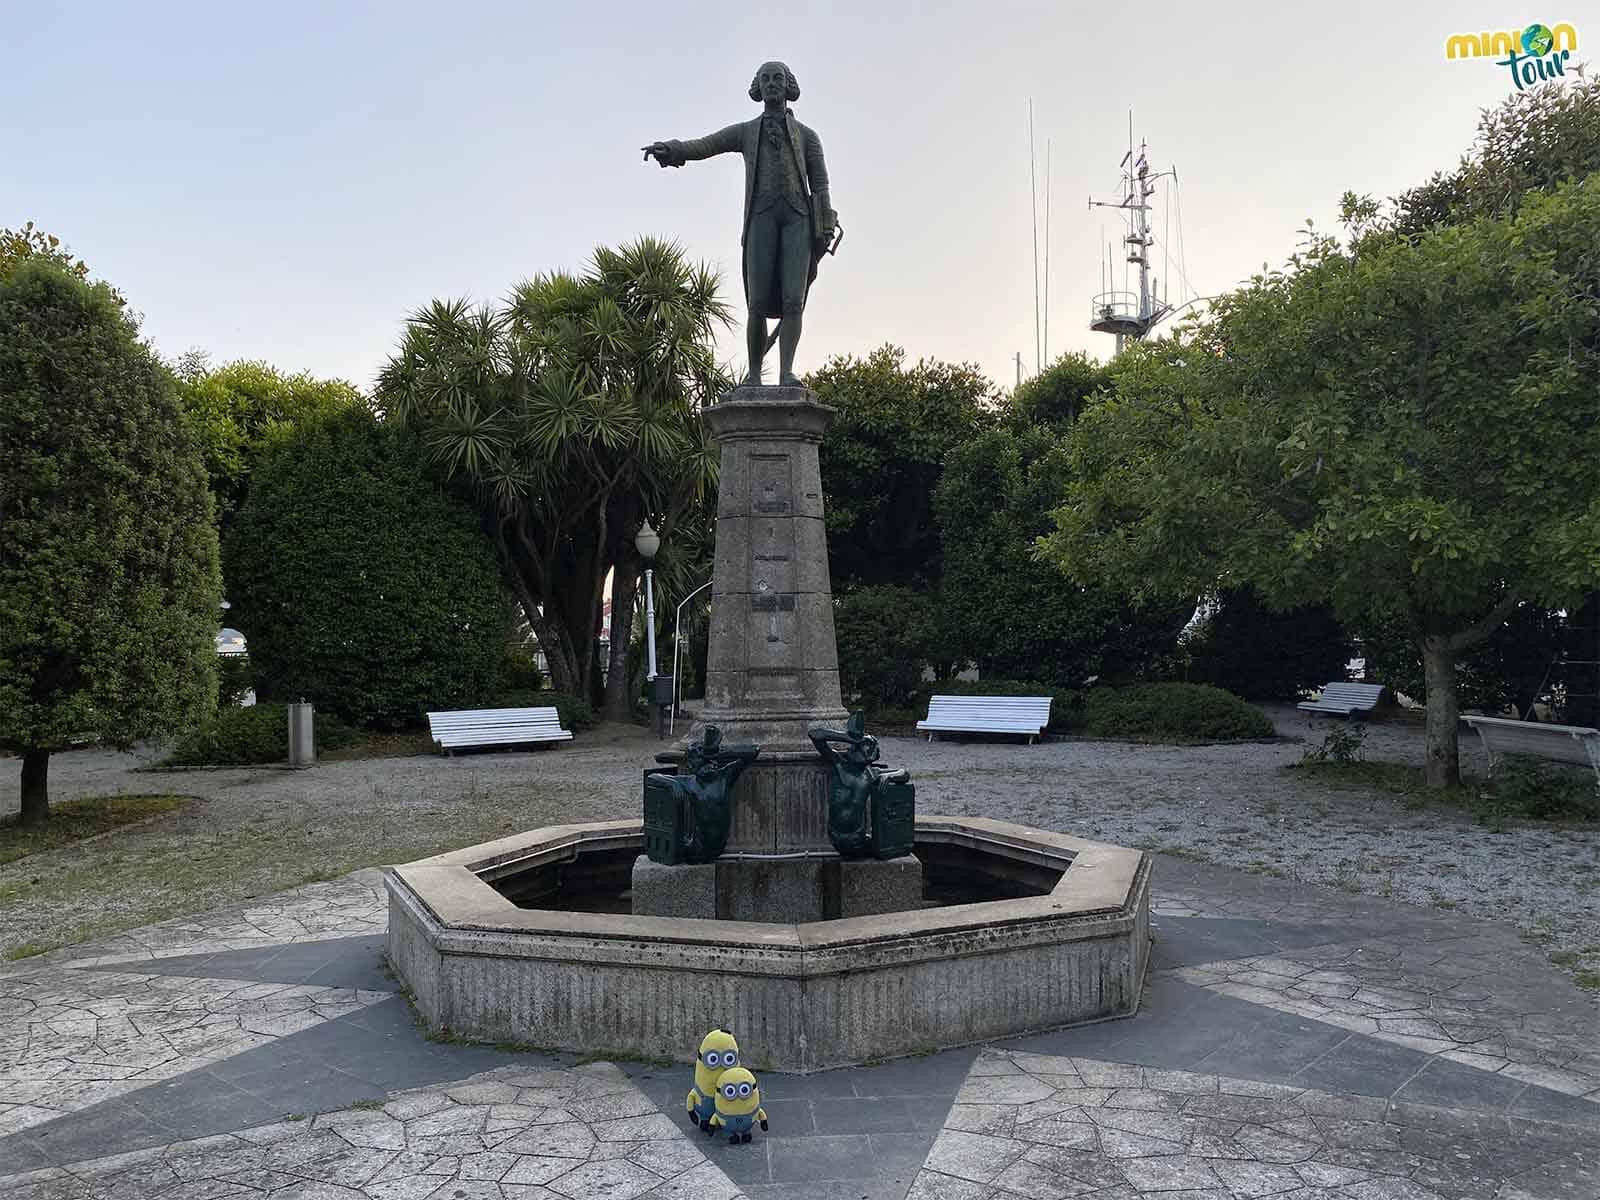 Hemos saludado a otra figura importante de la ruta por el Ferrol de la Ilustración